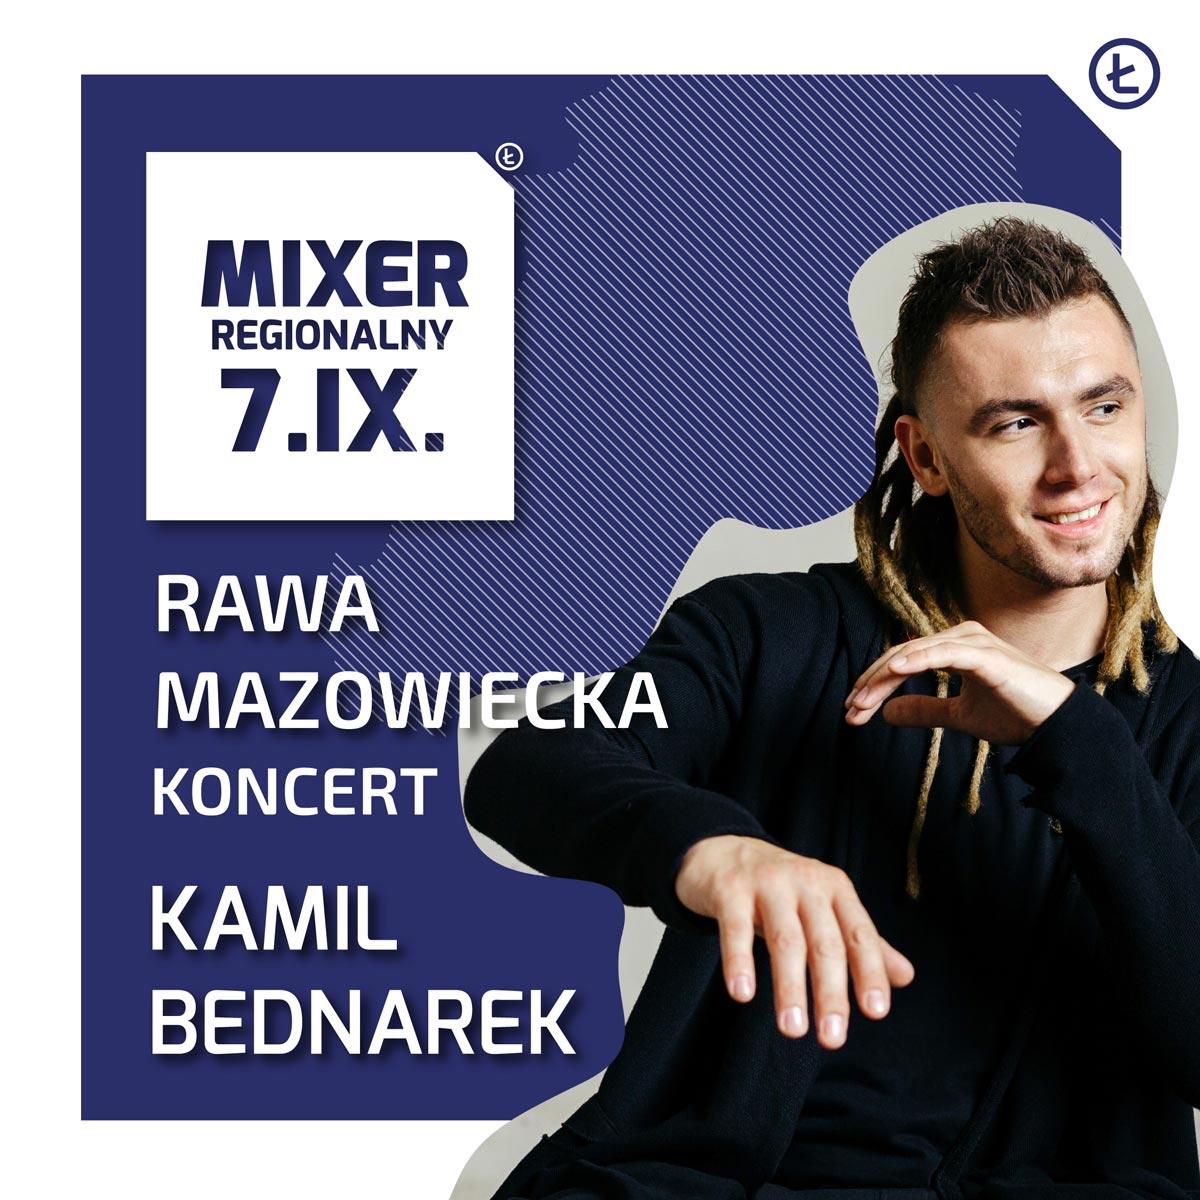 mixer regionalny 2019 rawa mazowiecka